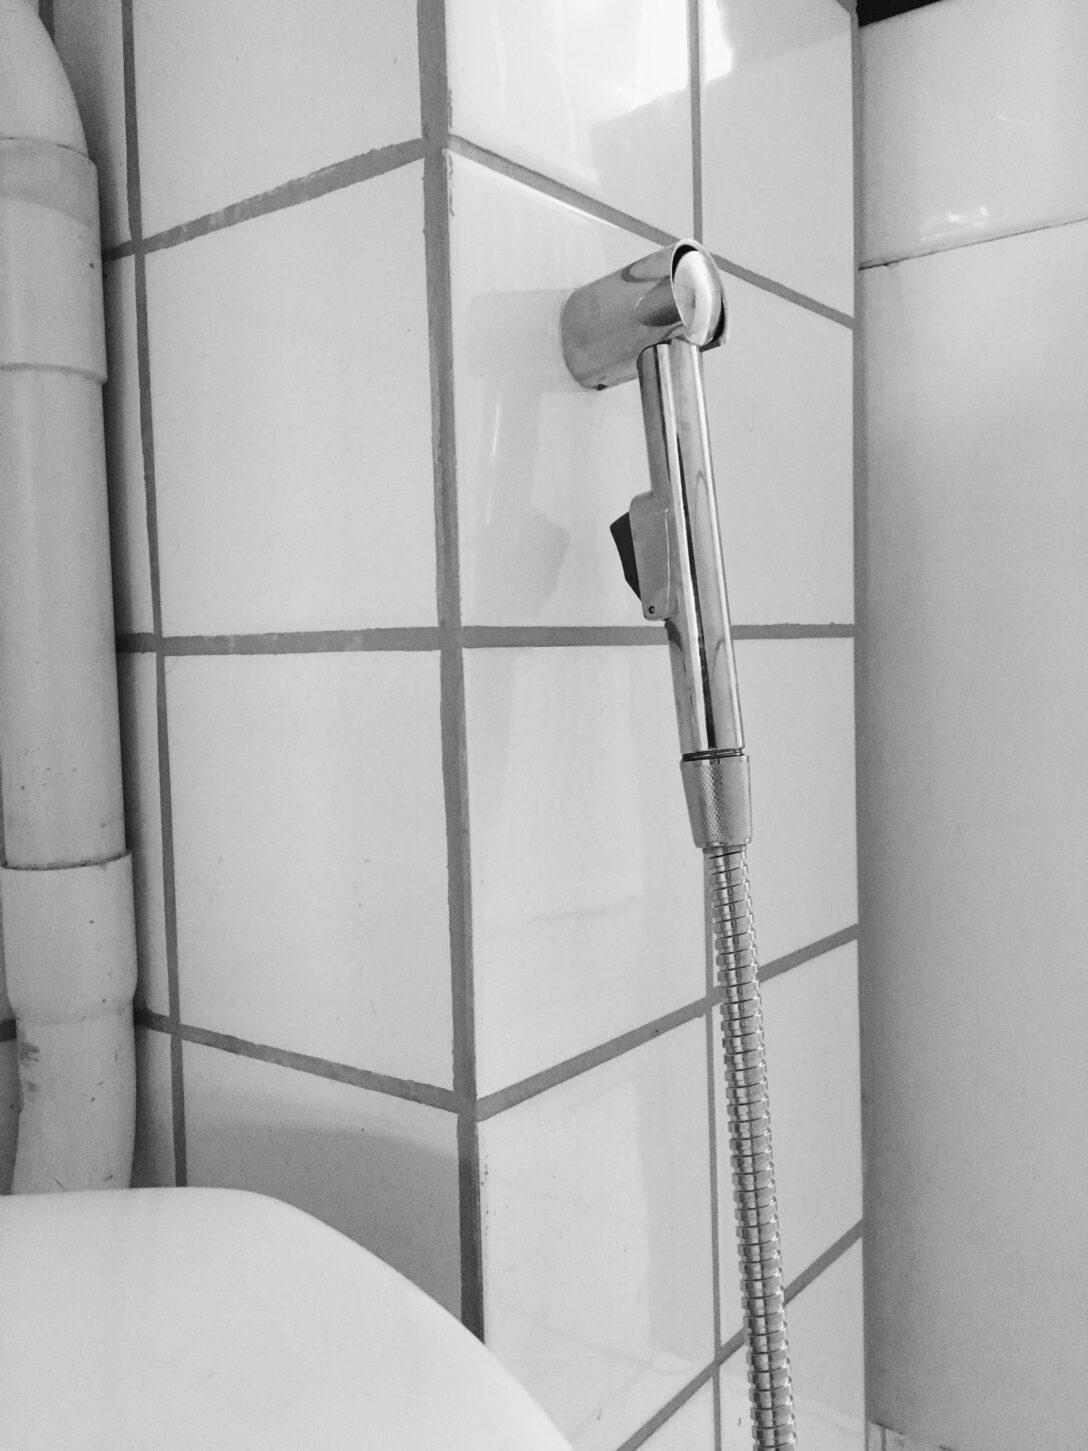 Large Size of Diy Anleitung Zero Waste Po Dusche Selbst Bauen Rainshower Behindertengerechte Badewanne Mischbatterie 80x80 Bodengleiche Duschen Mit Glastrennwand Kleine Dusche Bidet Dusche